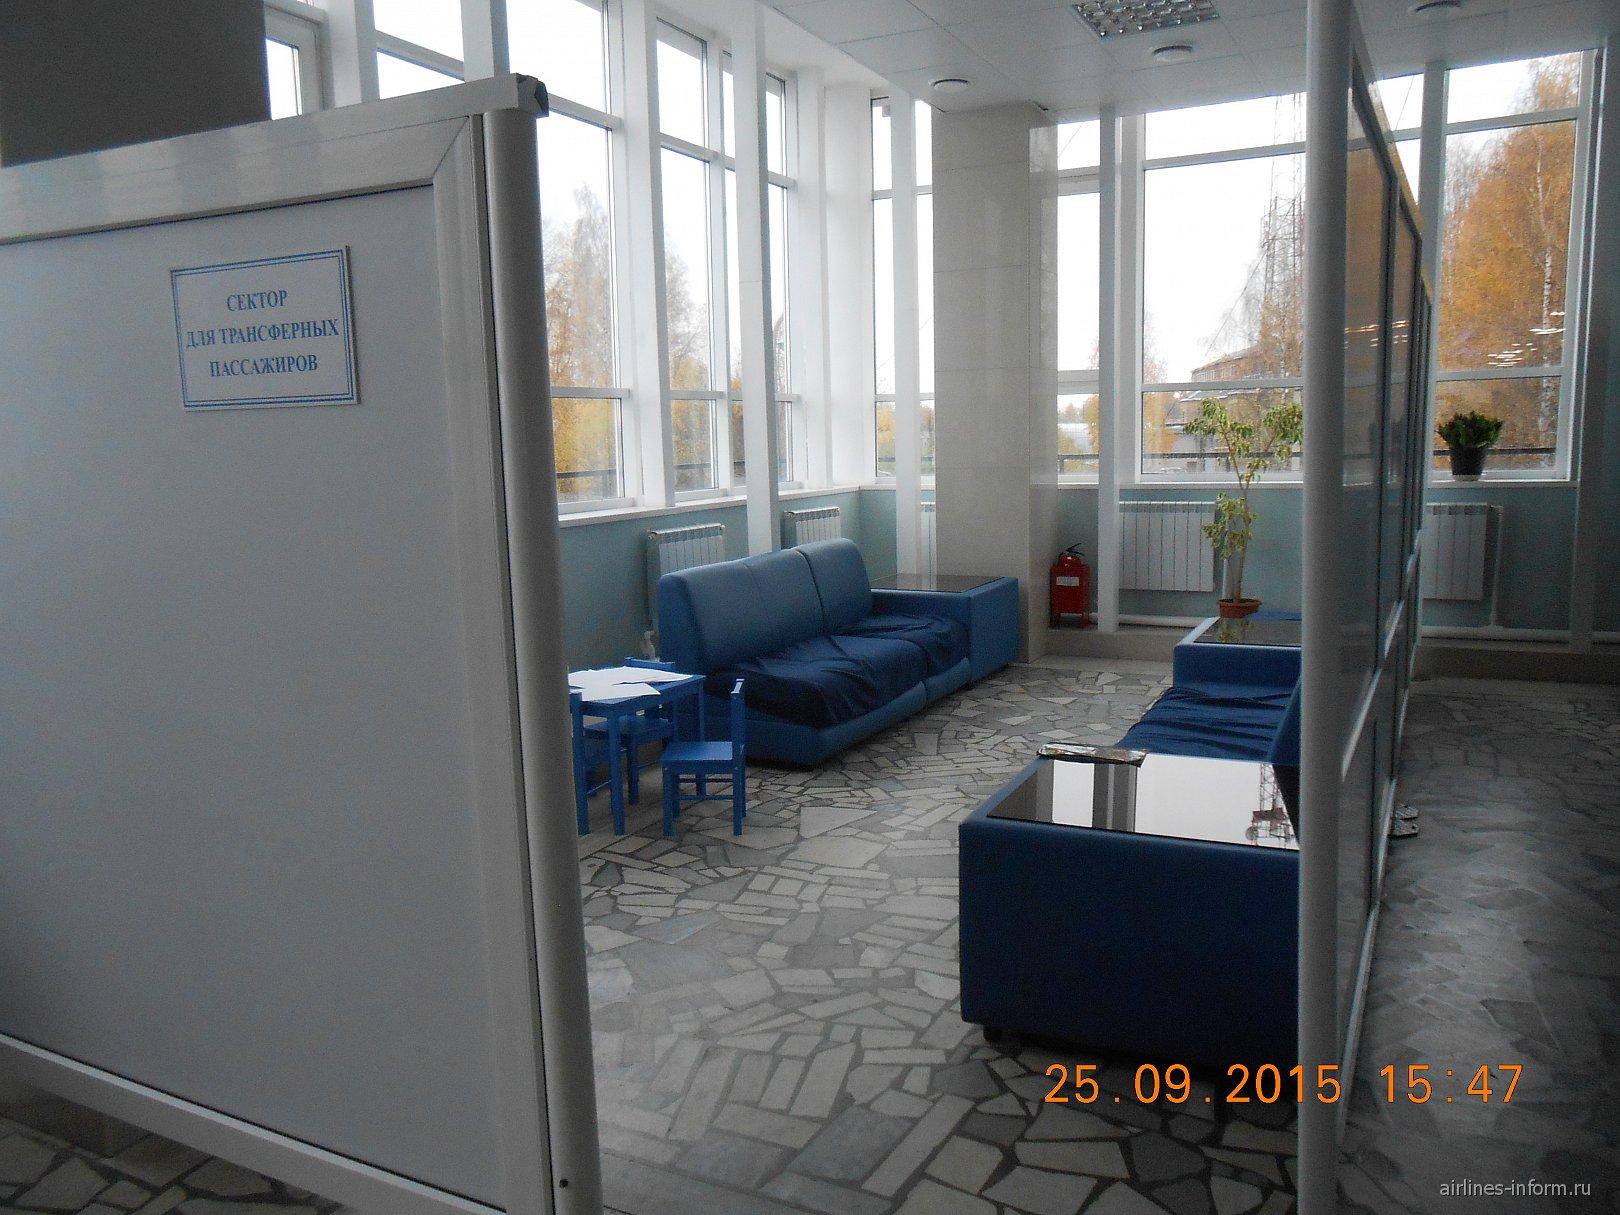 Сектор для трансферных пассажиров в аэропорту Сыктывкара